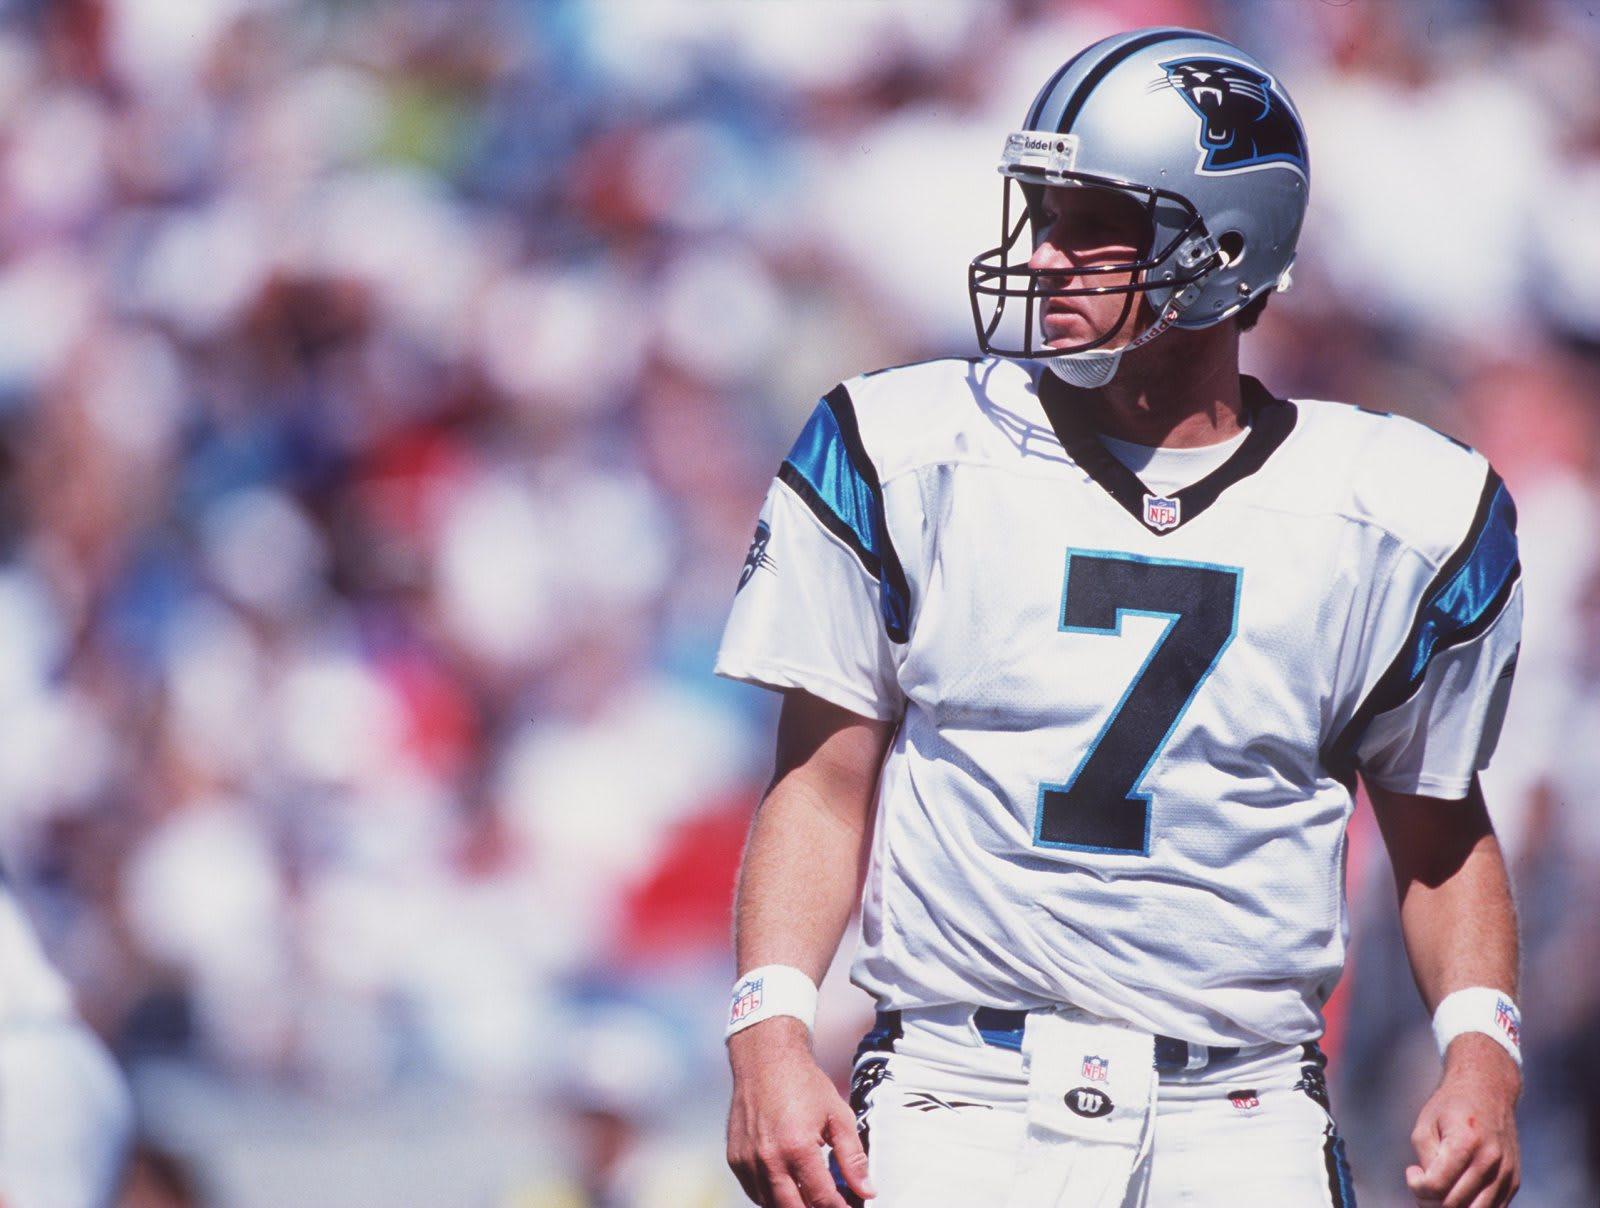 Steve Beuerlein, Carolina Panthers